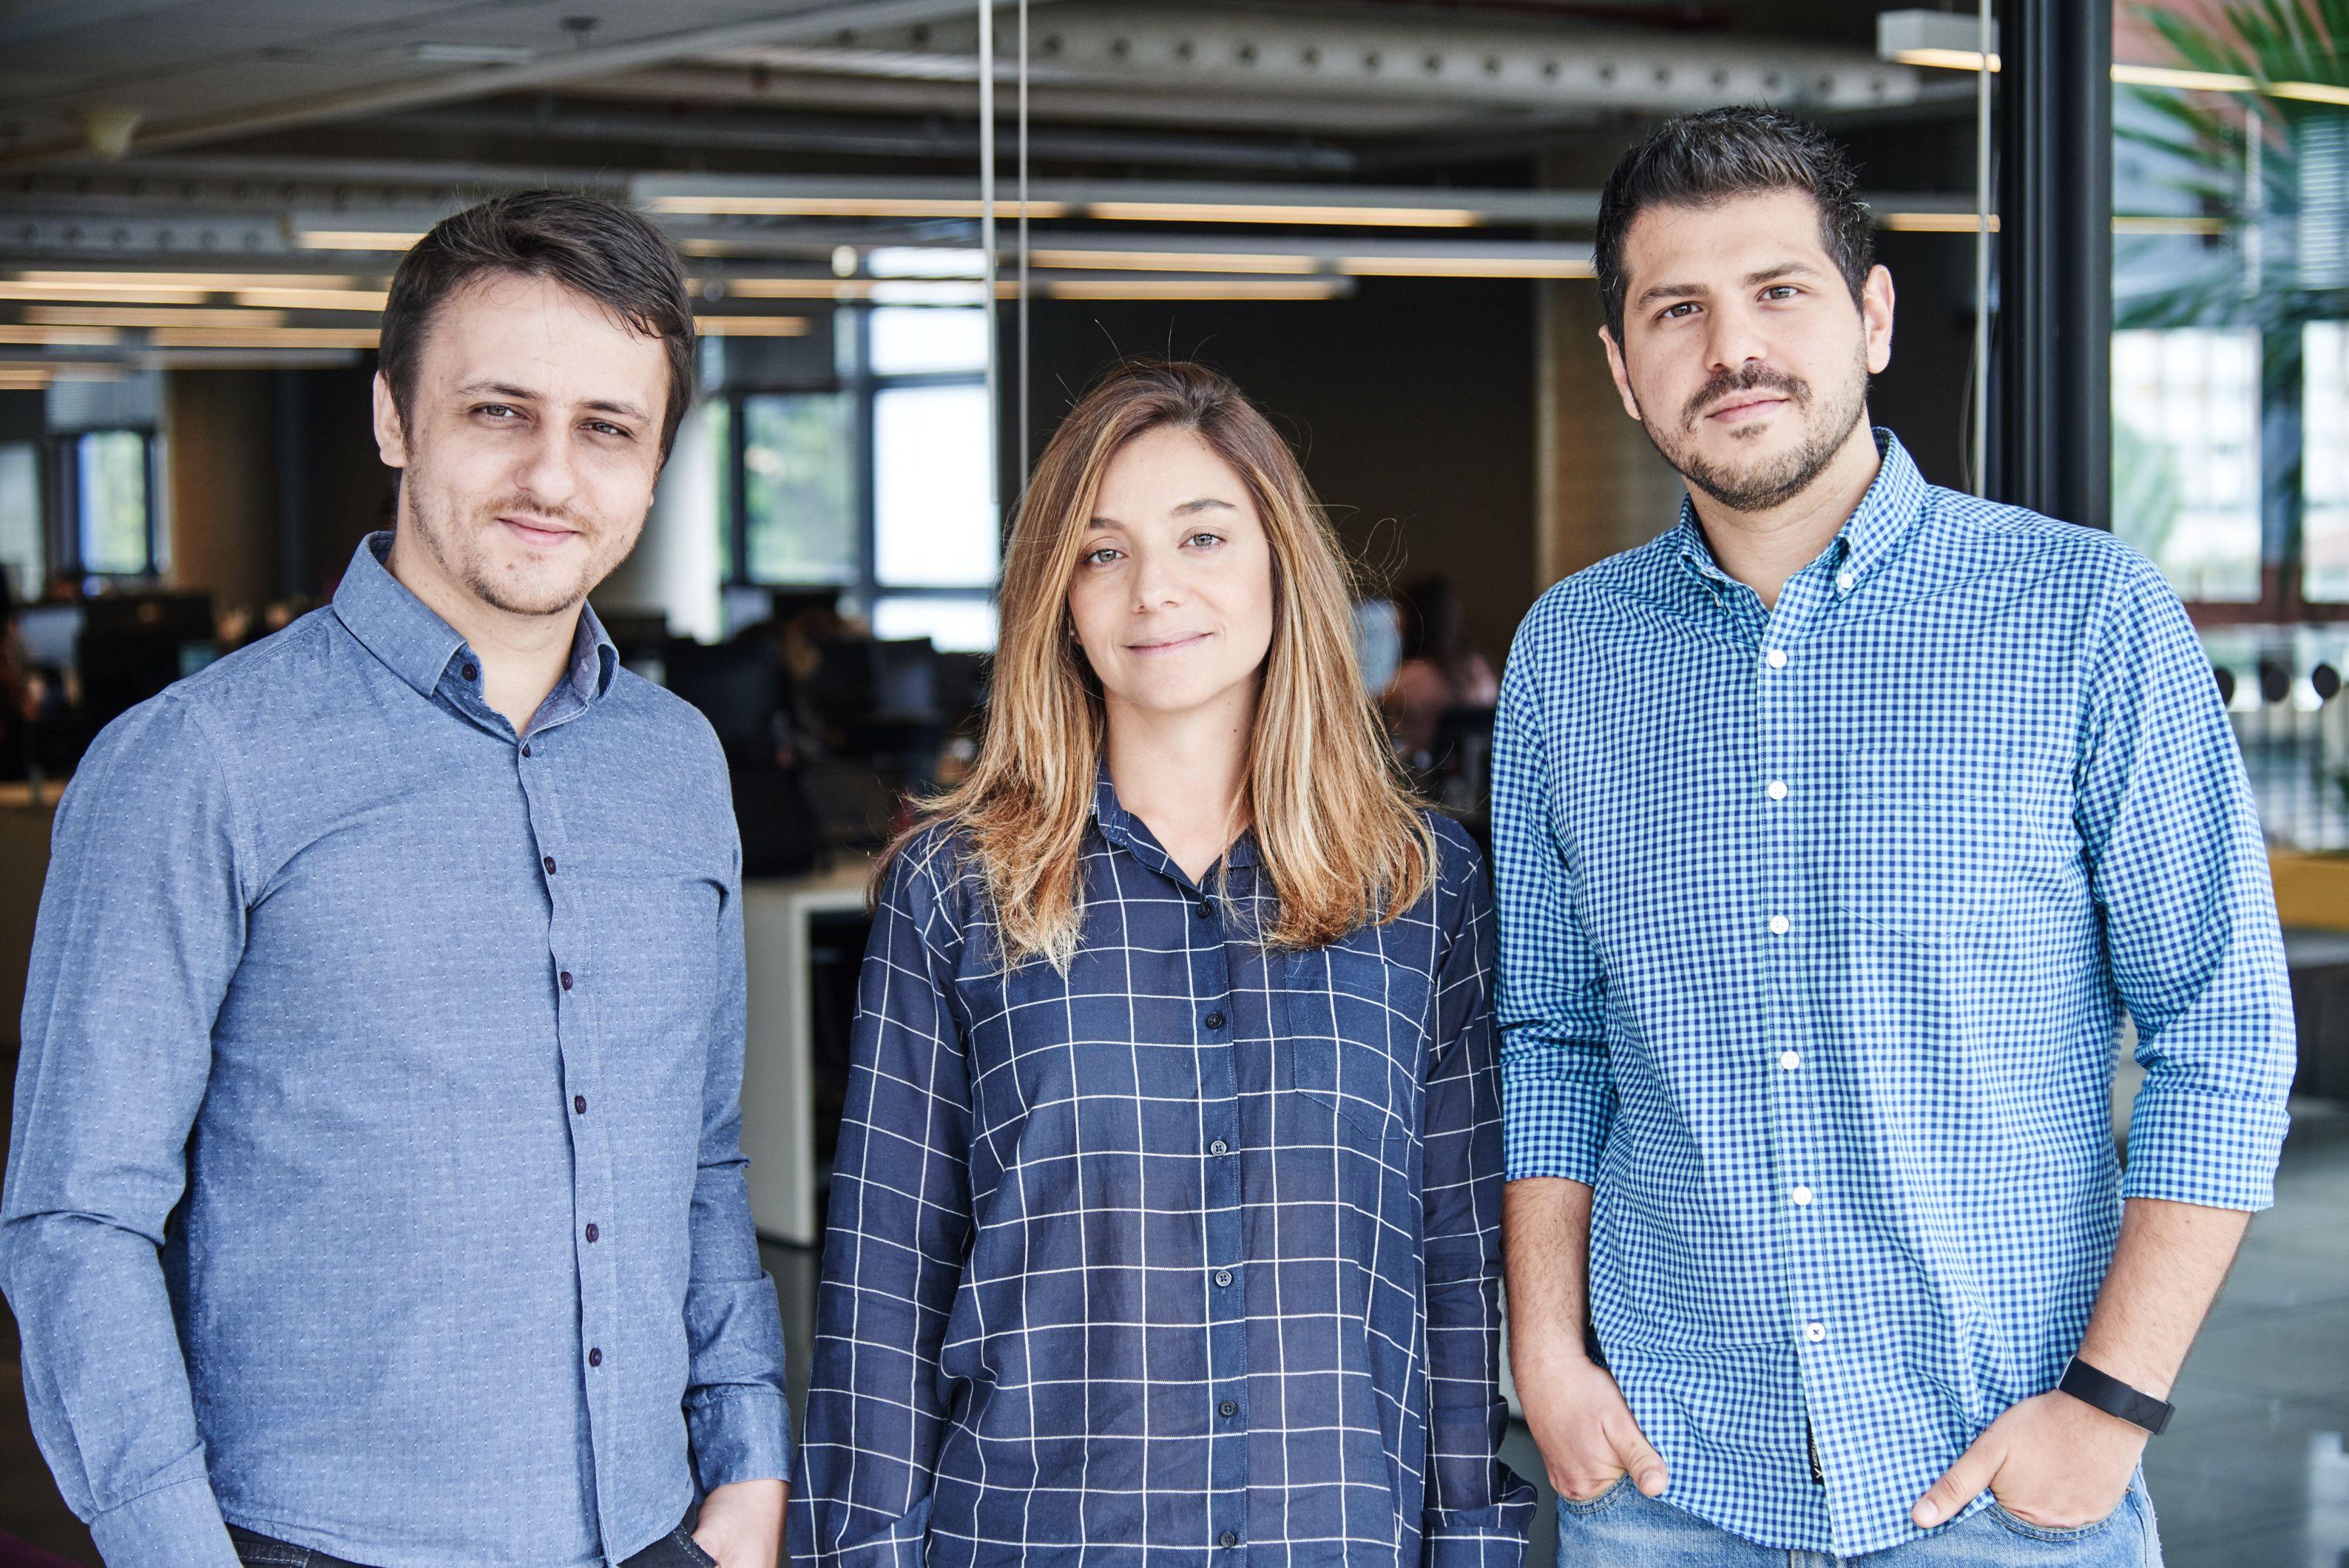 Da esquerda para a direita: Isaias Lemes, Veruska Cicio e Leandro Ribeiro